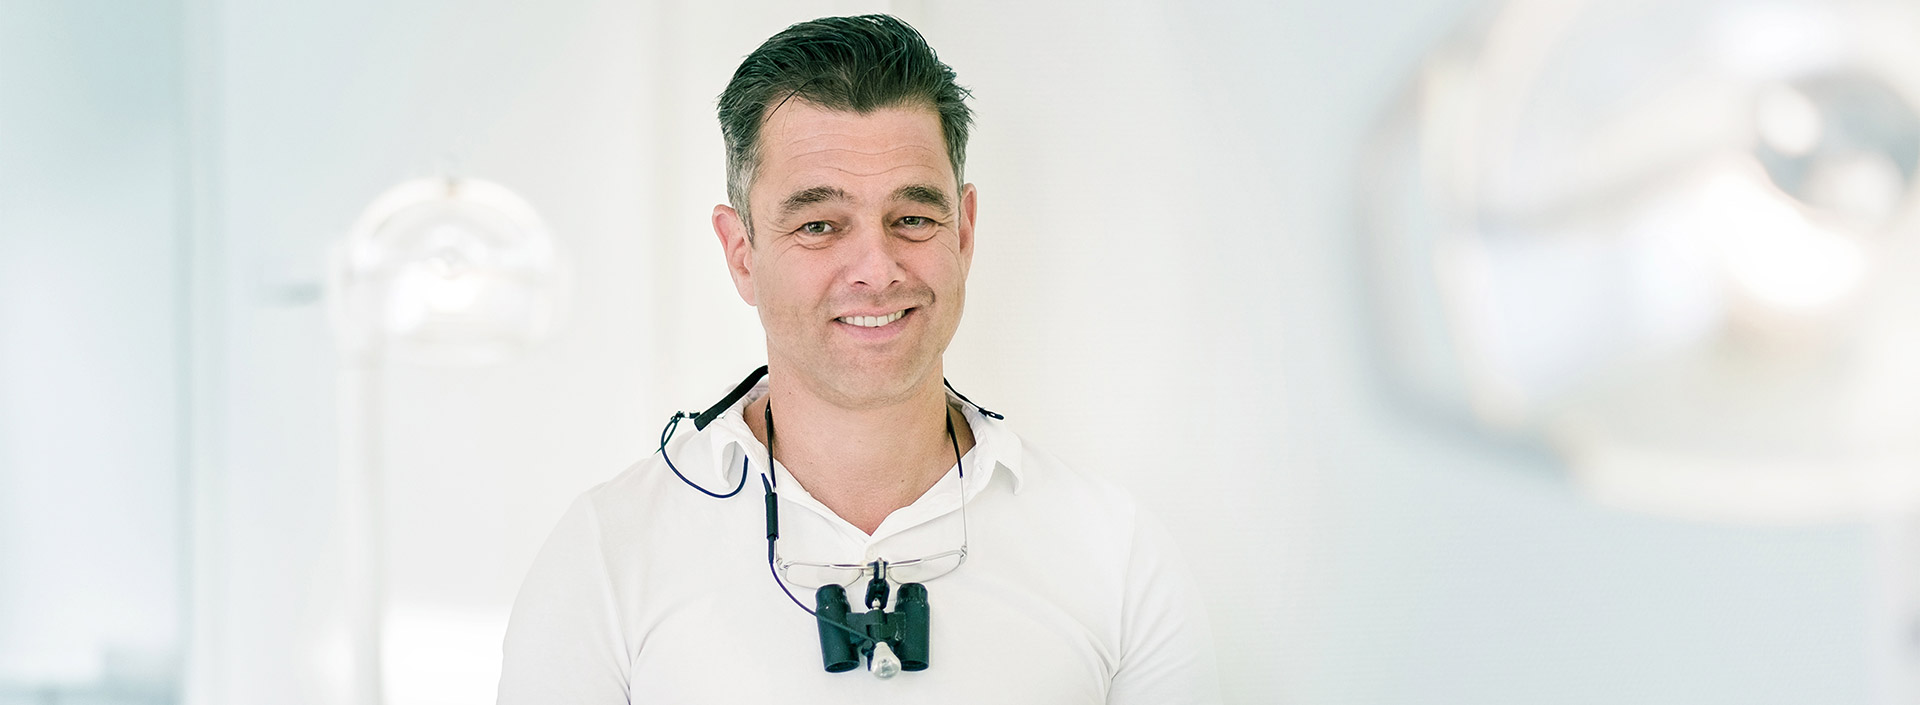 Zahnarzt Dr. Stadelmeyer in Augsburg